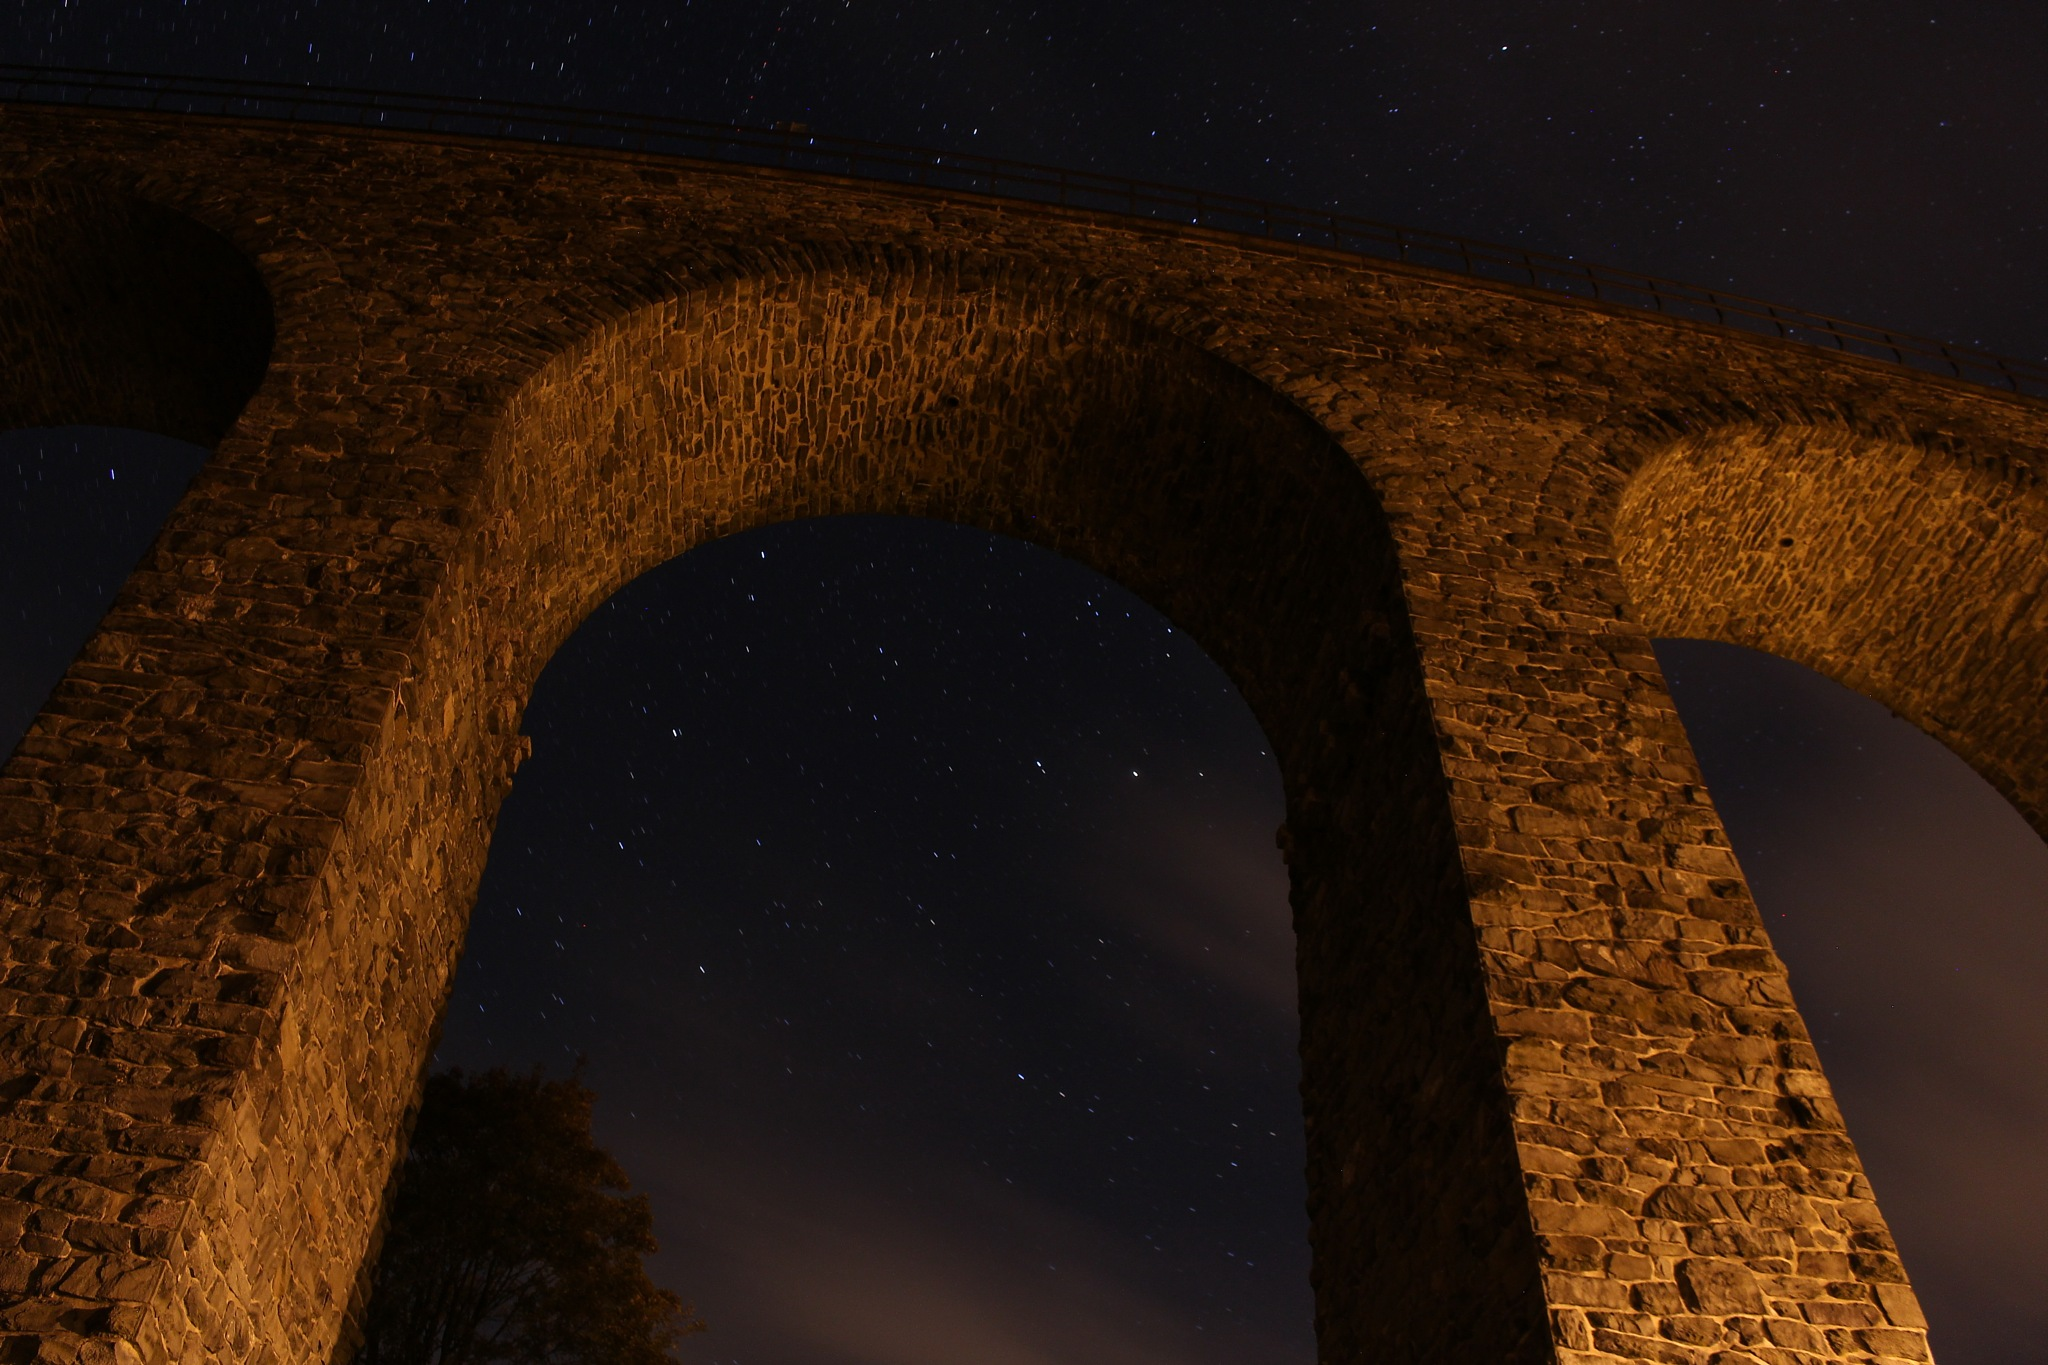 Viaduct of Novina by night by Petr Poláček